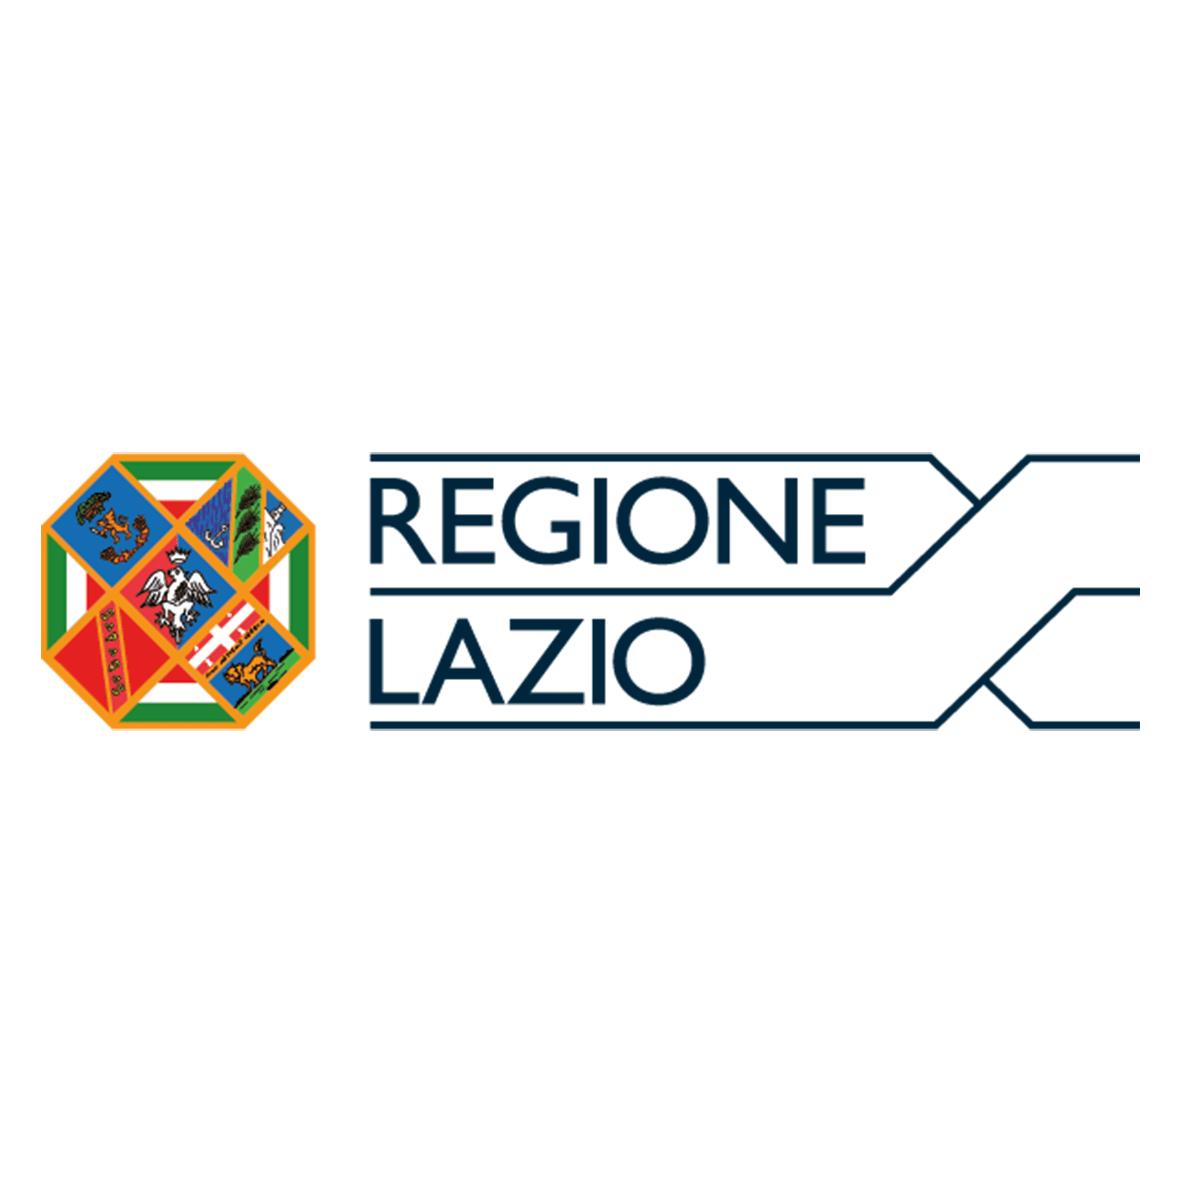 Regione_Lazio-min